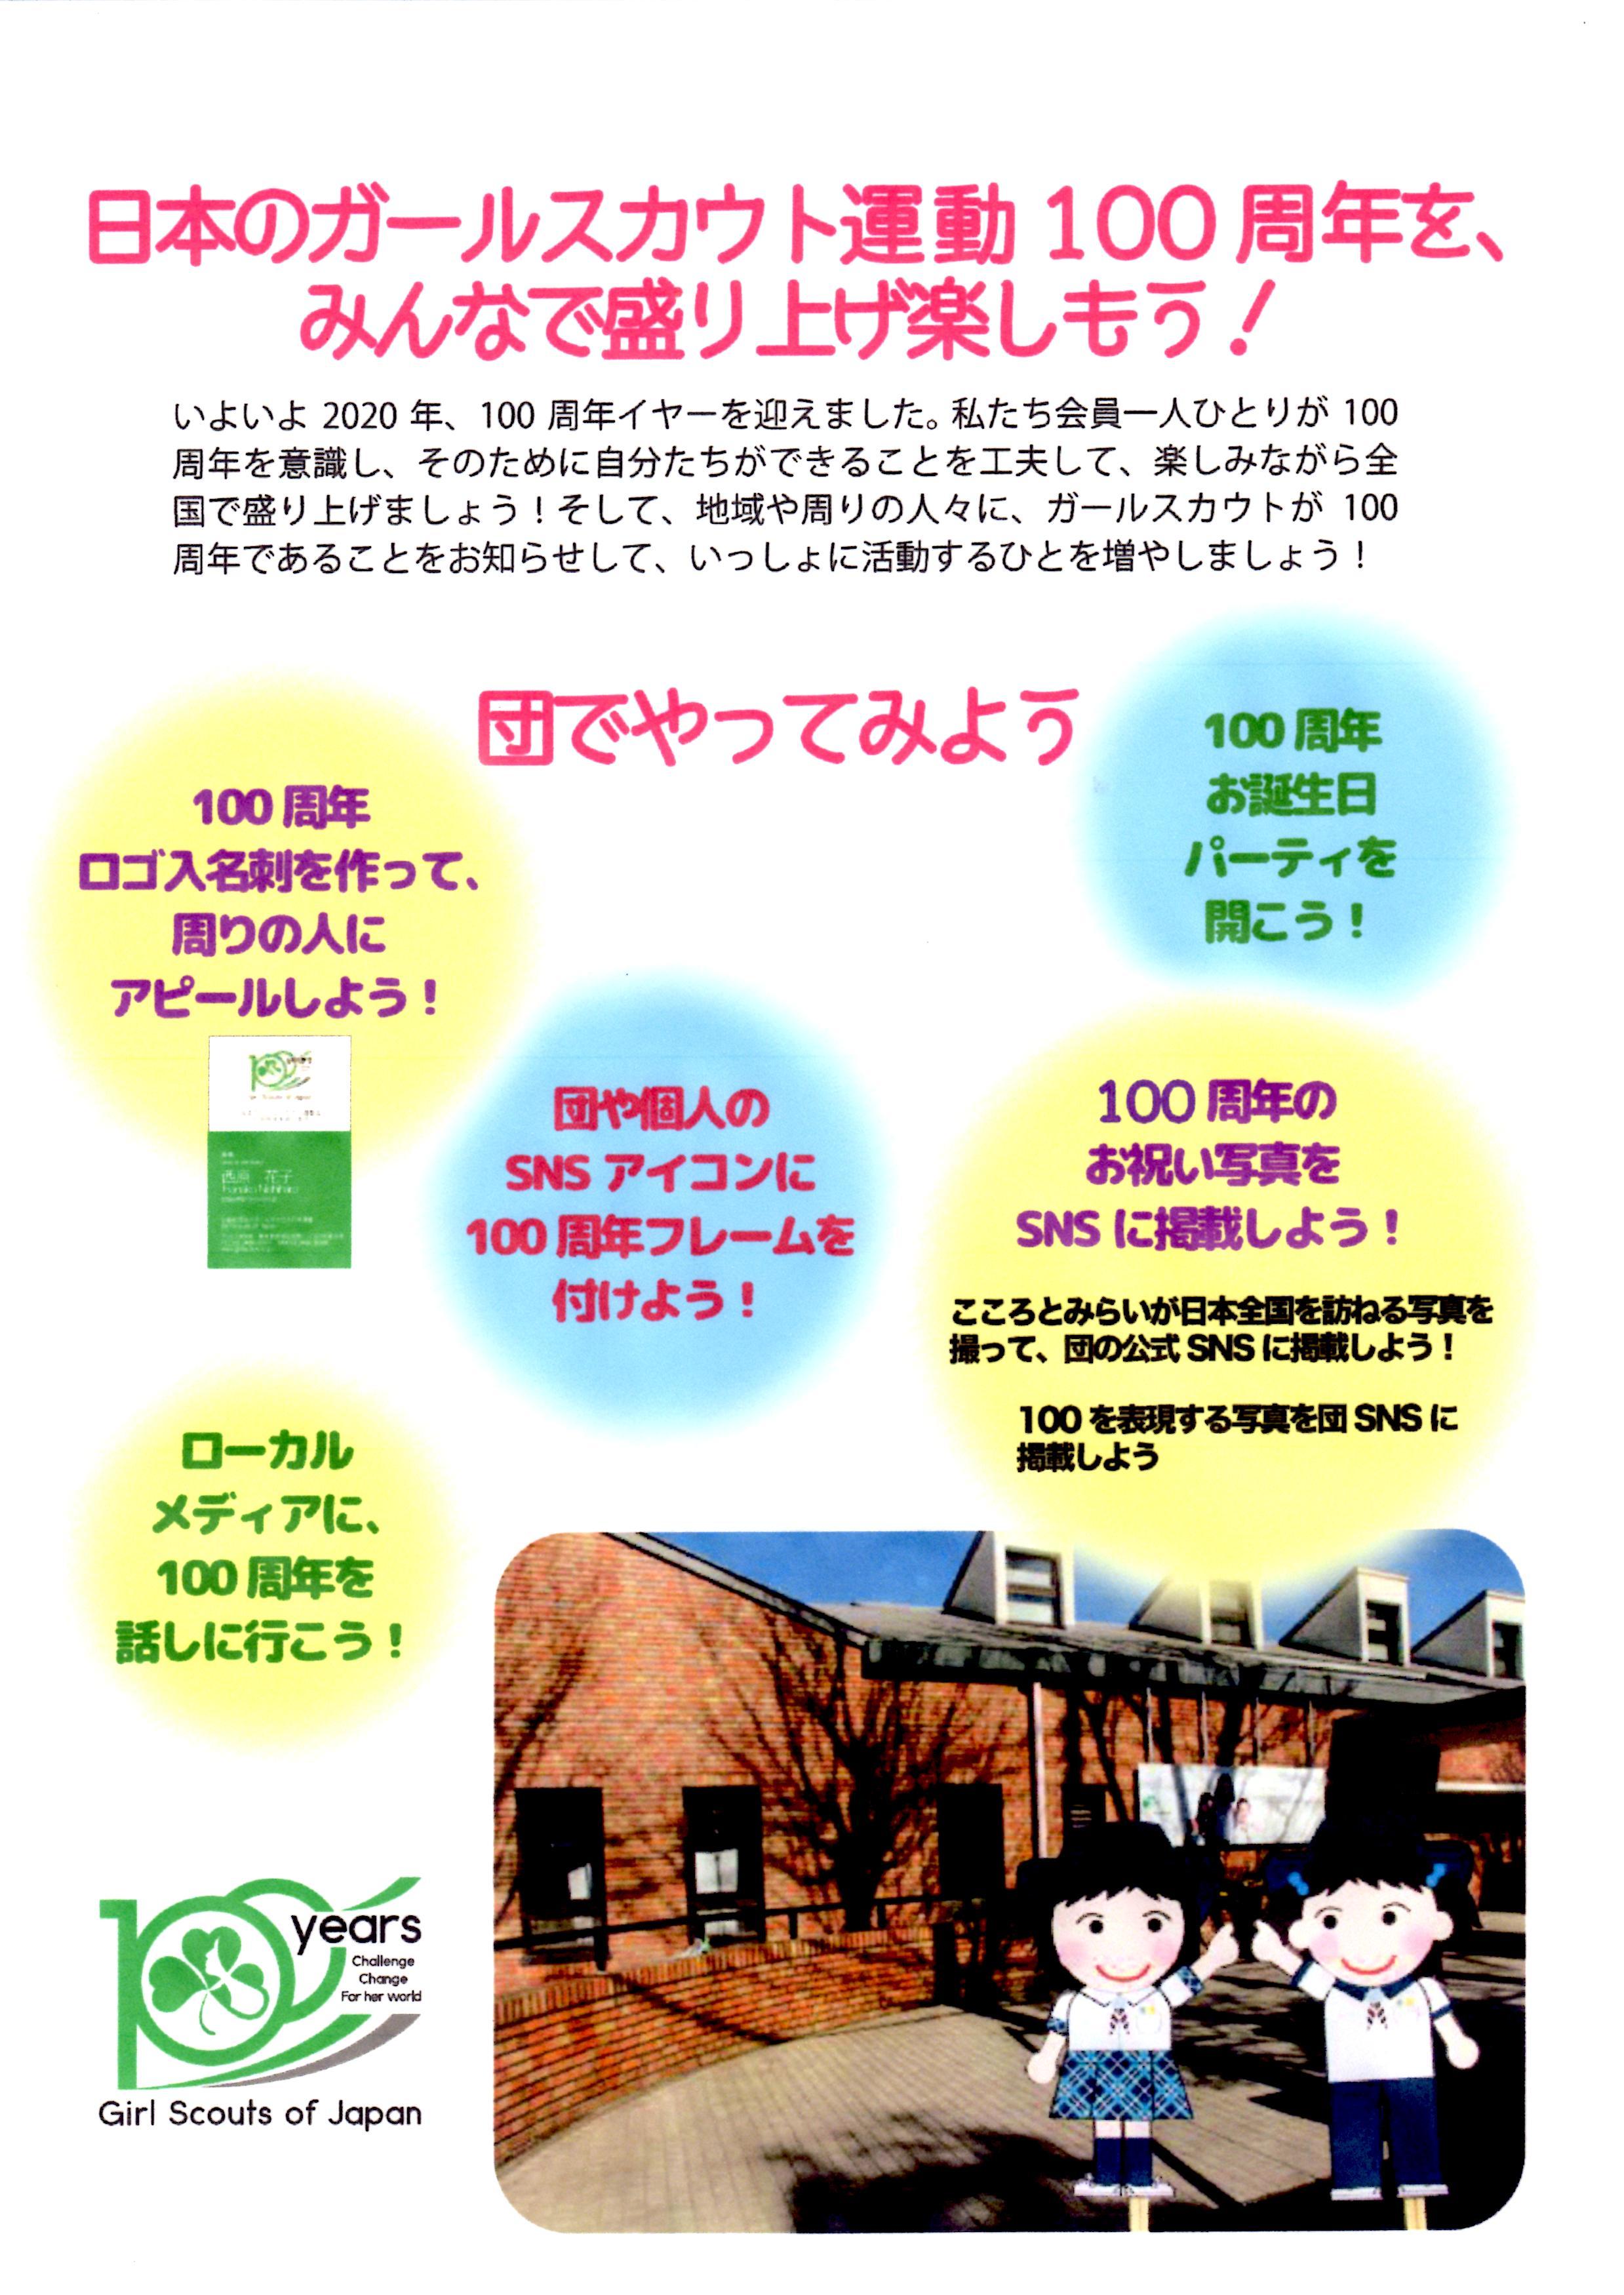 日本のガールスカウト運動100周年 アクション実施のお願い【依頼】